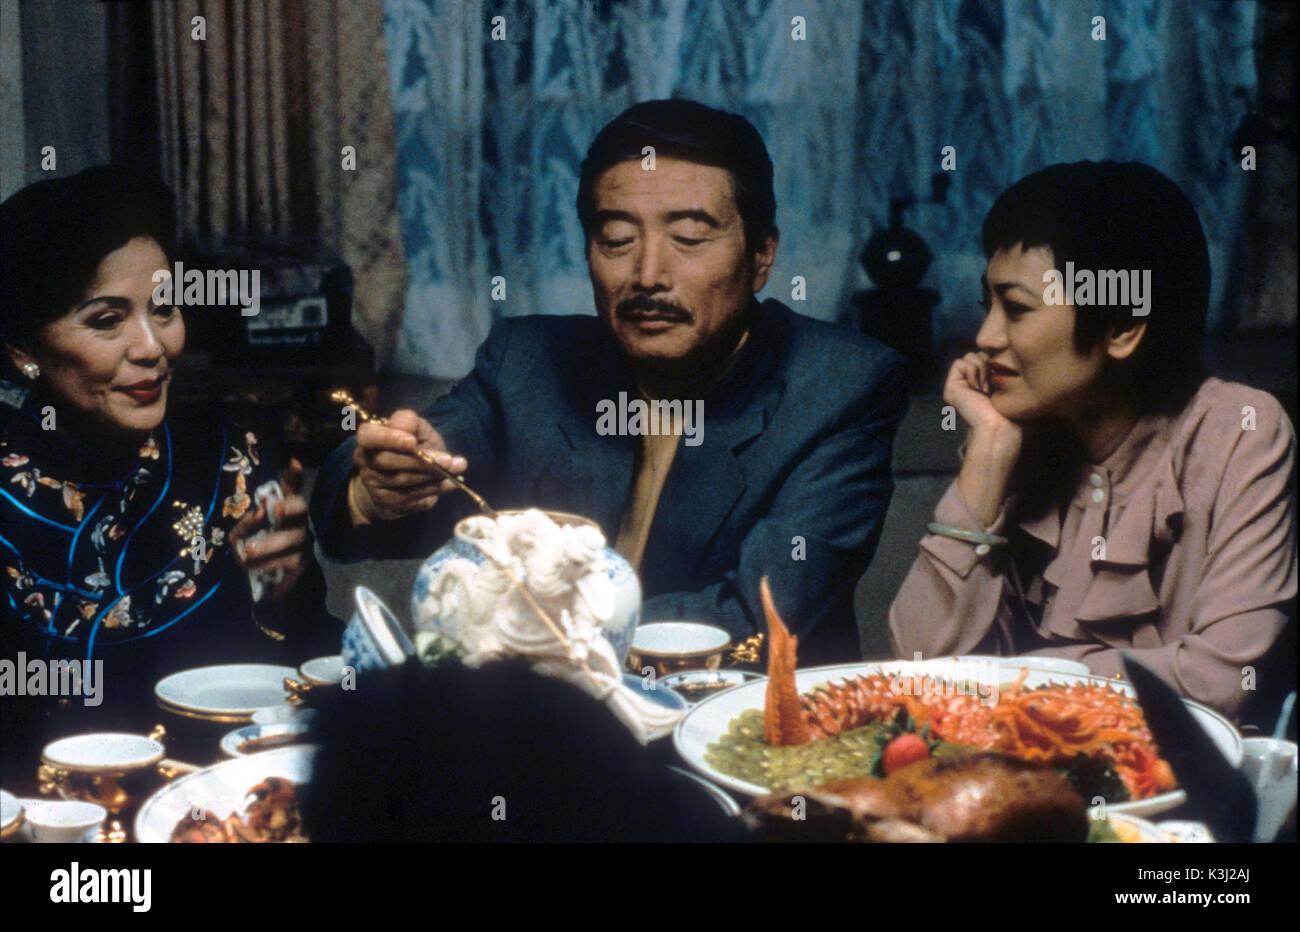 Essen trinken MANN FRAU SIHUNG LUNG Datum: 1994 Stockbild